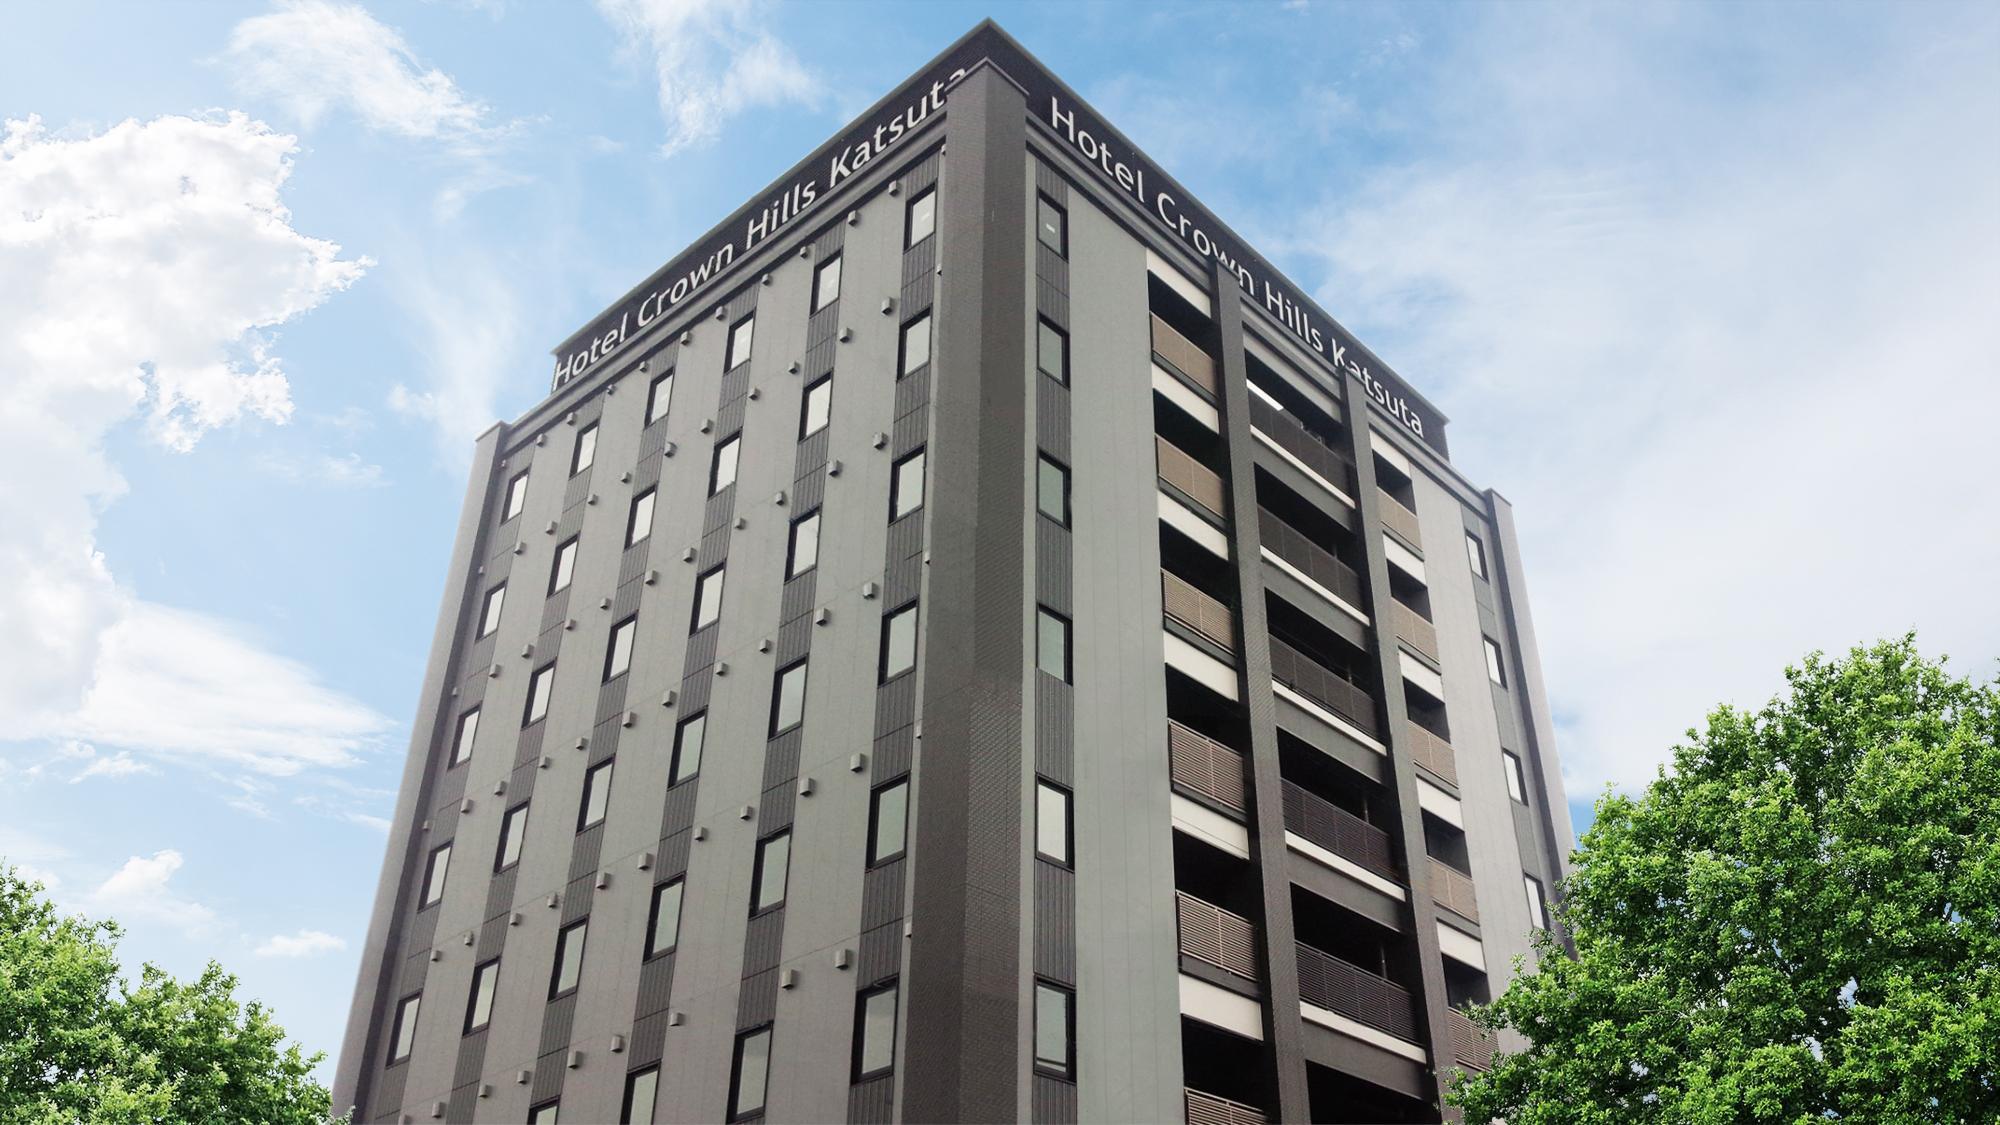 ホテルクラウンヒルズ勝田2号元町店